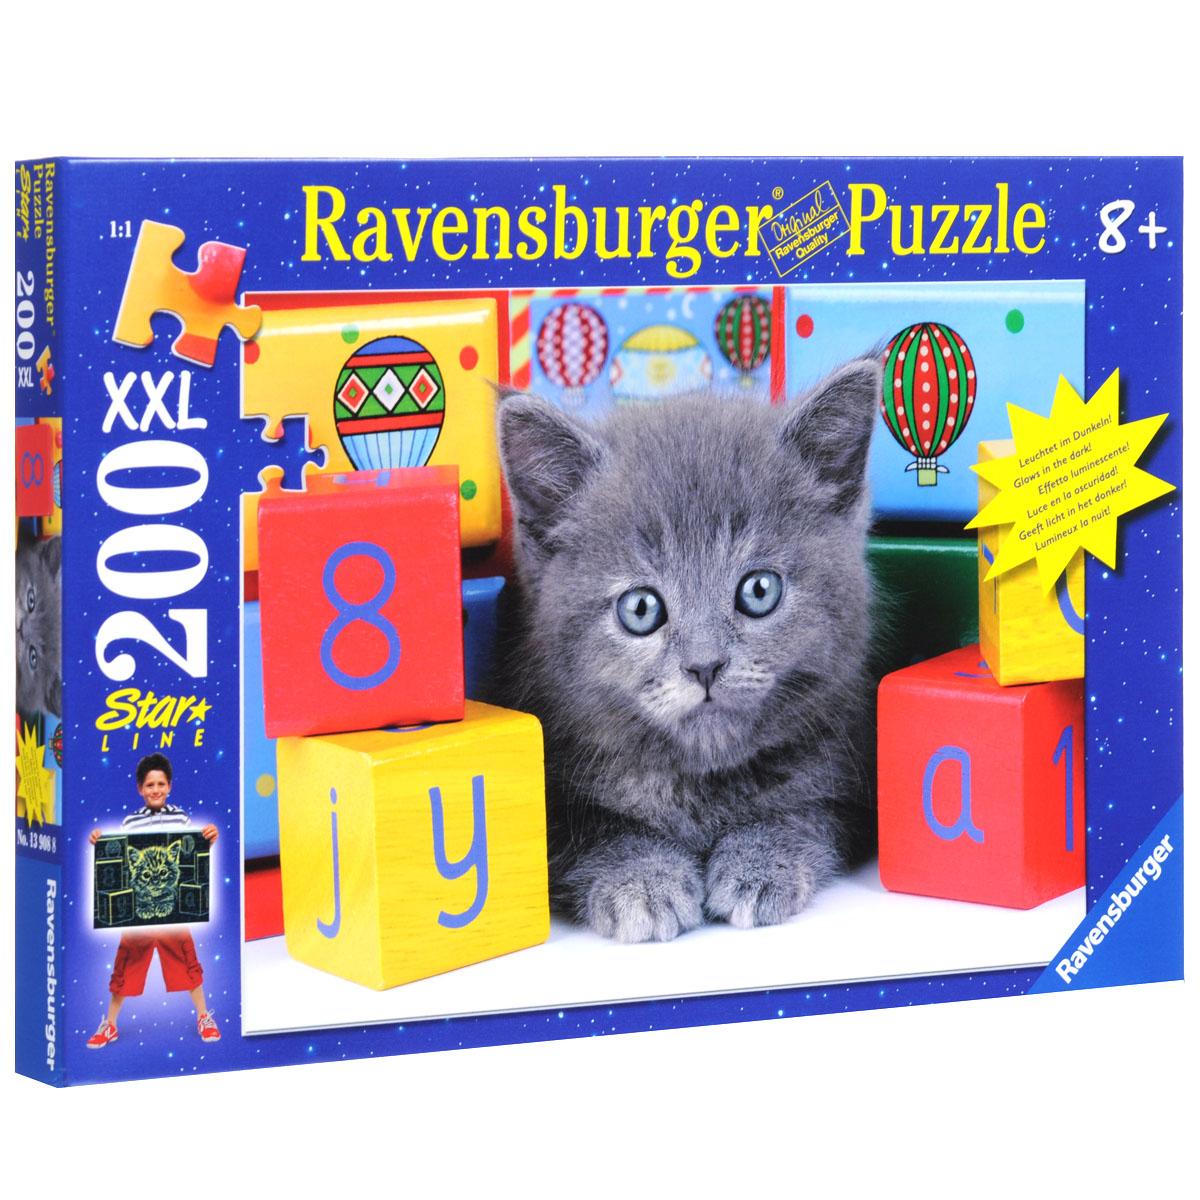 Ravensburger Котенок с кубиками. Пазл XXL, 200 элементов13908Пазл XXL Ravensburger Котенок с кубиками, без сомнения, придется по душе вам и вашему малышу. Собрав этот пазл, включающий в себя 200 элементов, вы получите великолепную картину с изображением очаровательного серого котенка, уютно расположившегося среди кубиков. Каждая деталь имеет свою форму и подходит только на своё место. Нет двух одинаковых деталей! Пазл изготовлен из картона высочайшего качества. Все изображения аккуратно отсканированы и напечатаны на ламинированной бумаге. Пазл - великолепная игра для семейного досуга. Сегодня собирание пазлов стало особенно популярным, главным образом, благодаря своей многообразной тематике, способной удовлетворить самый взыскательный вкус. А для детей это не только интересно, но и полезно. Собирание пазла развивает мелкую моторику у ребенка, тренирует наблюдательность, логическое мышление, знакомит с окружающим миром, с цветом и разнообразными формами.